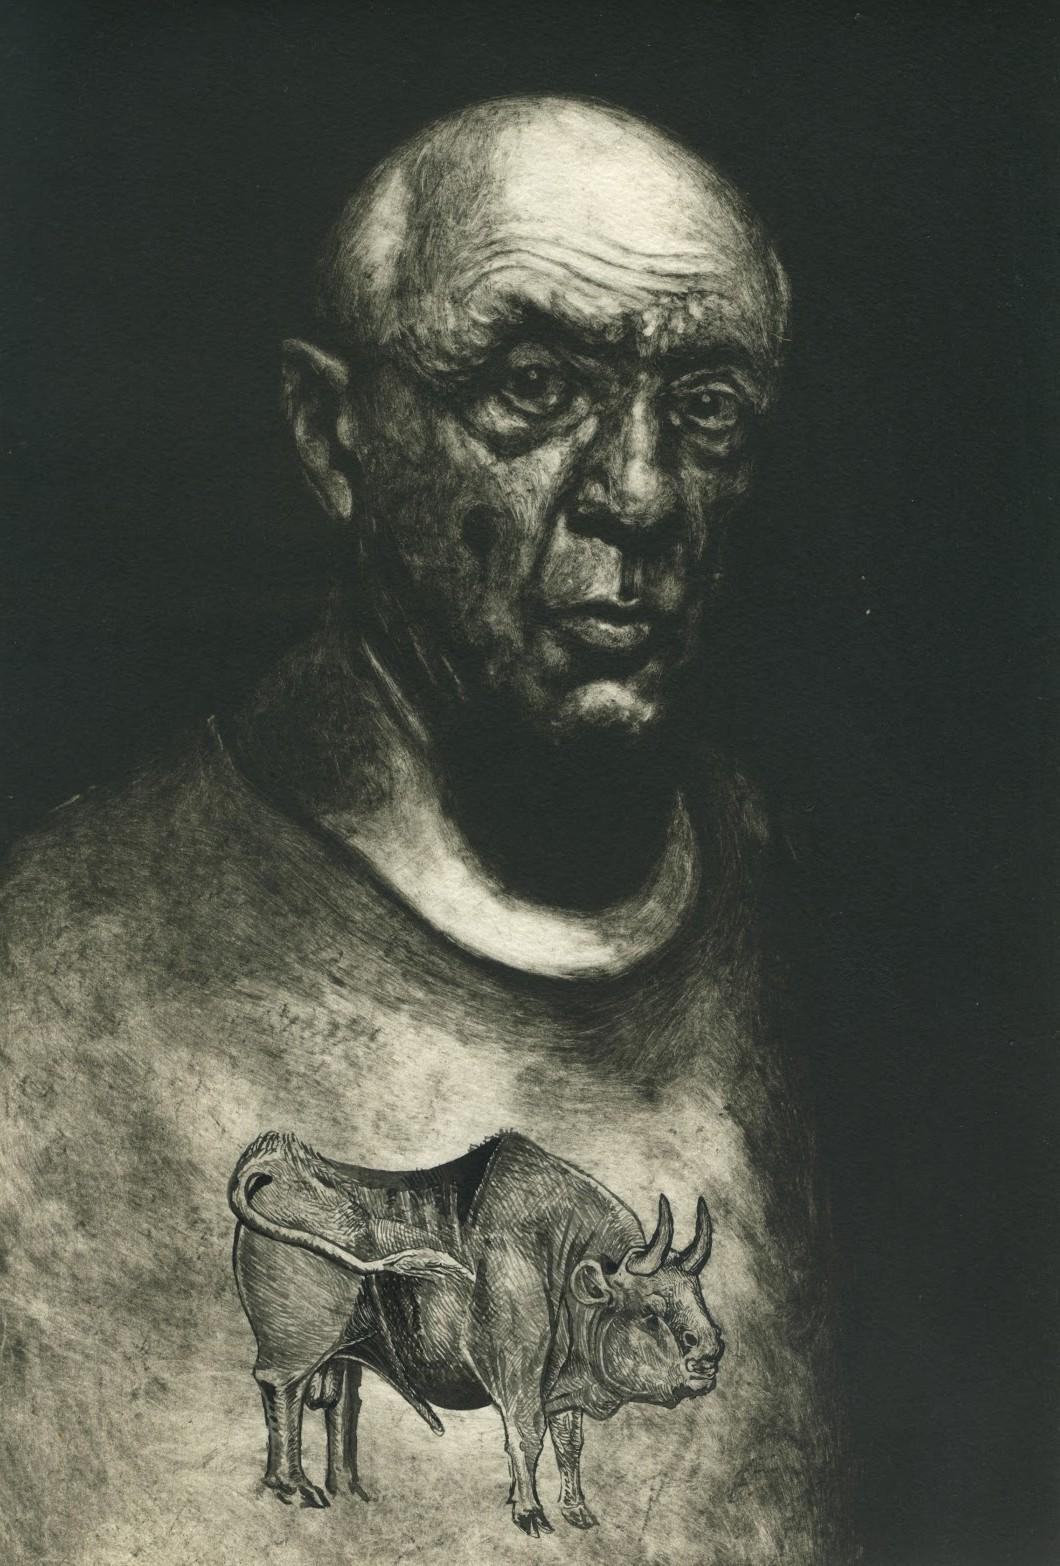 татуированные художники, Пабло Пикассо